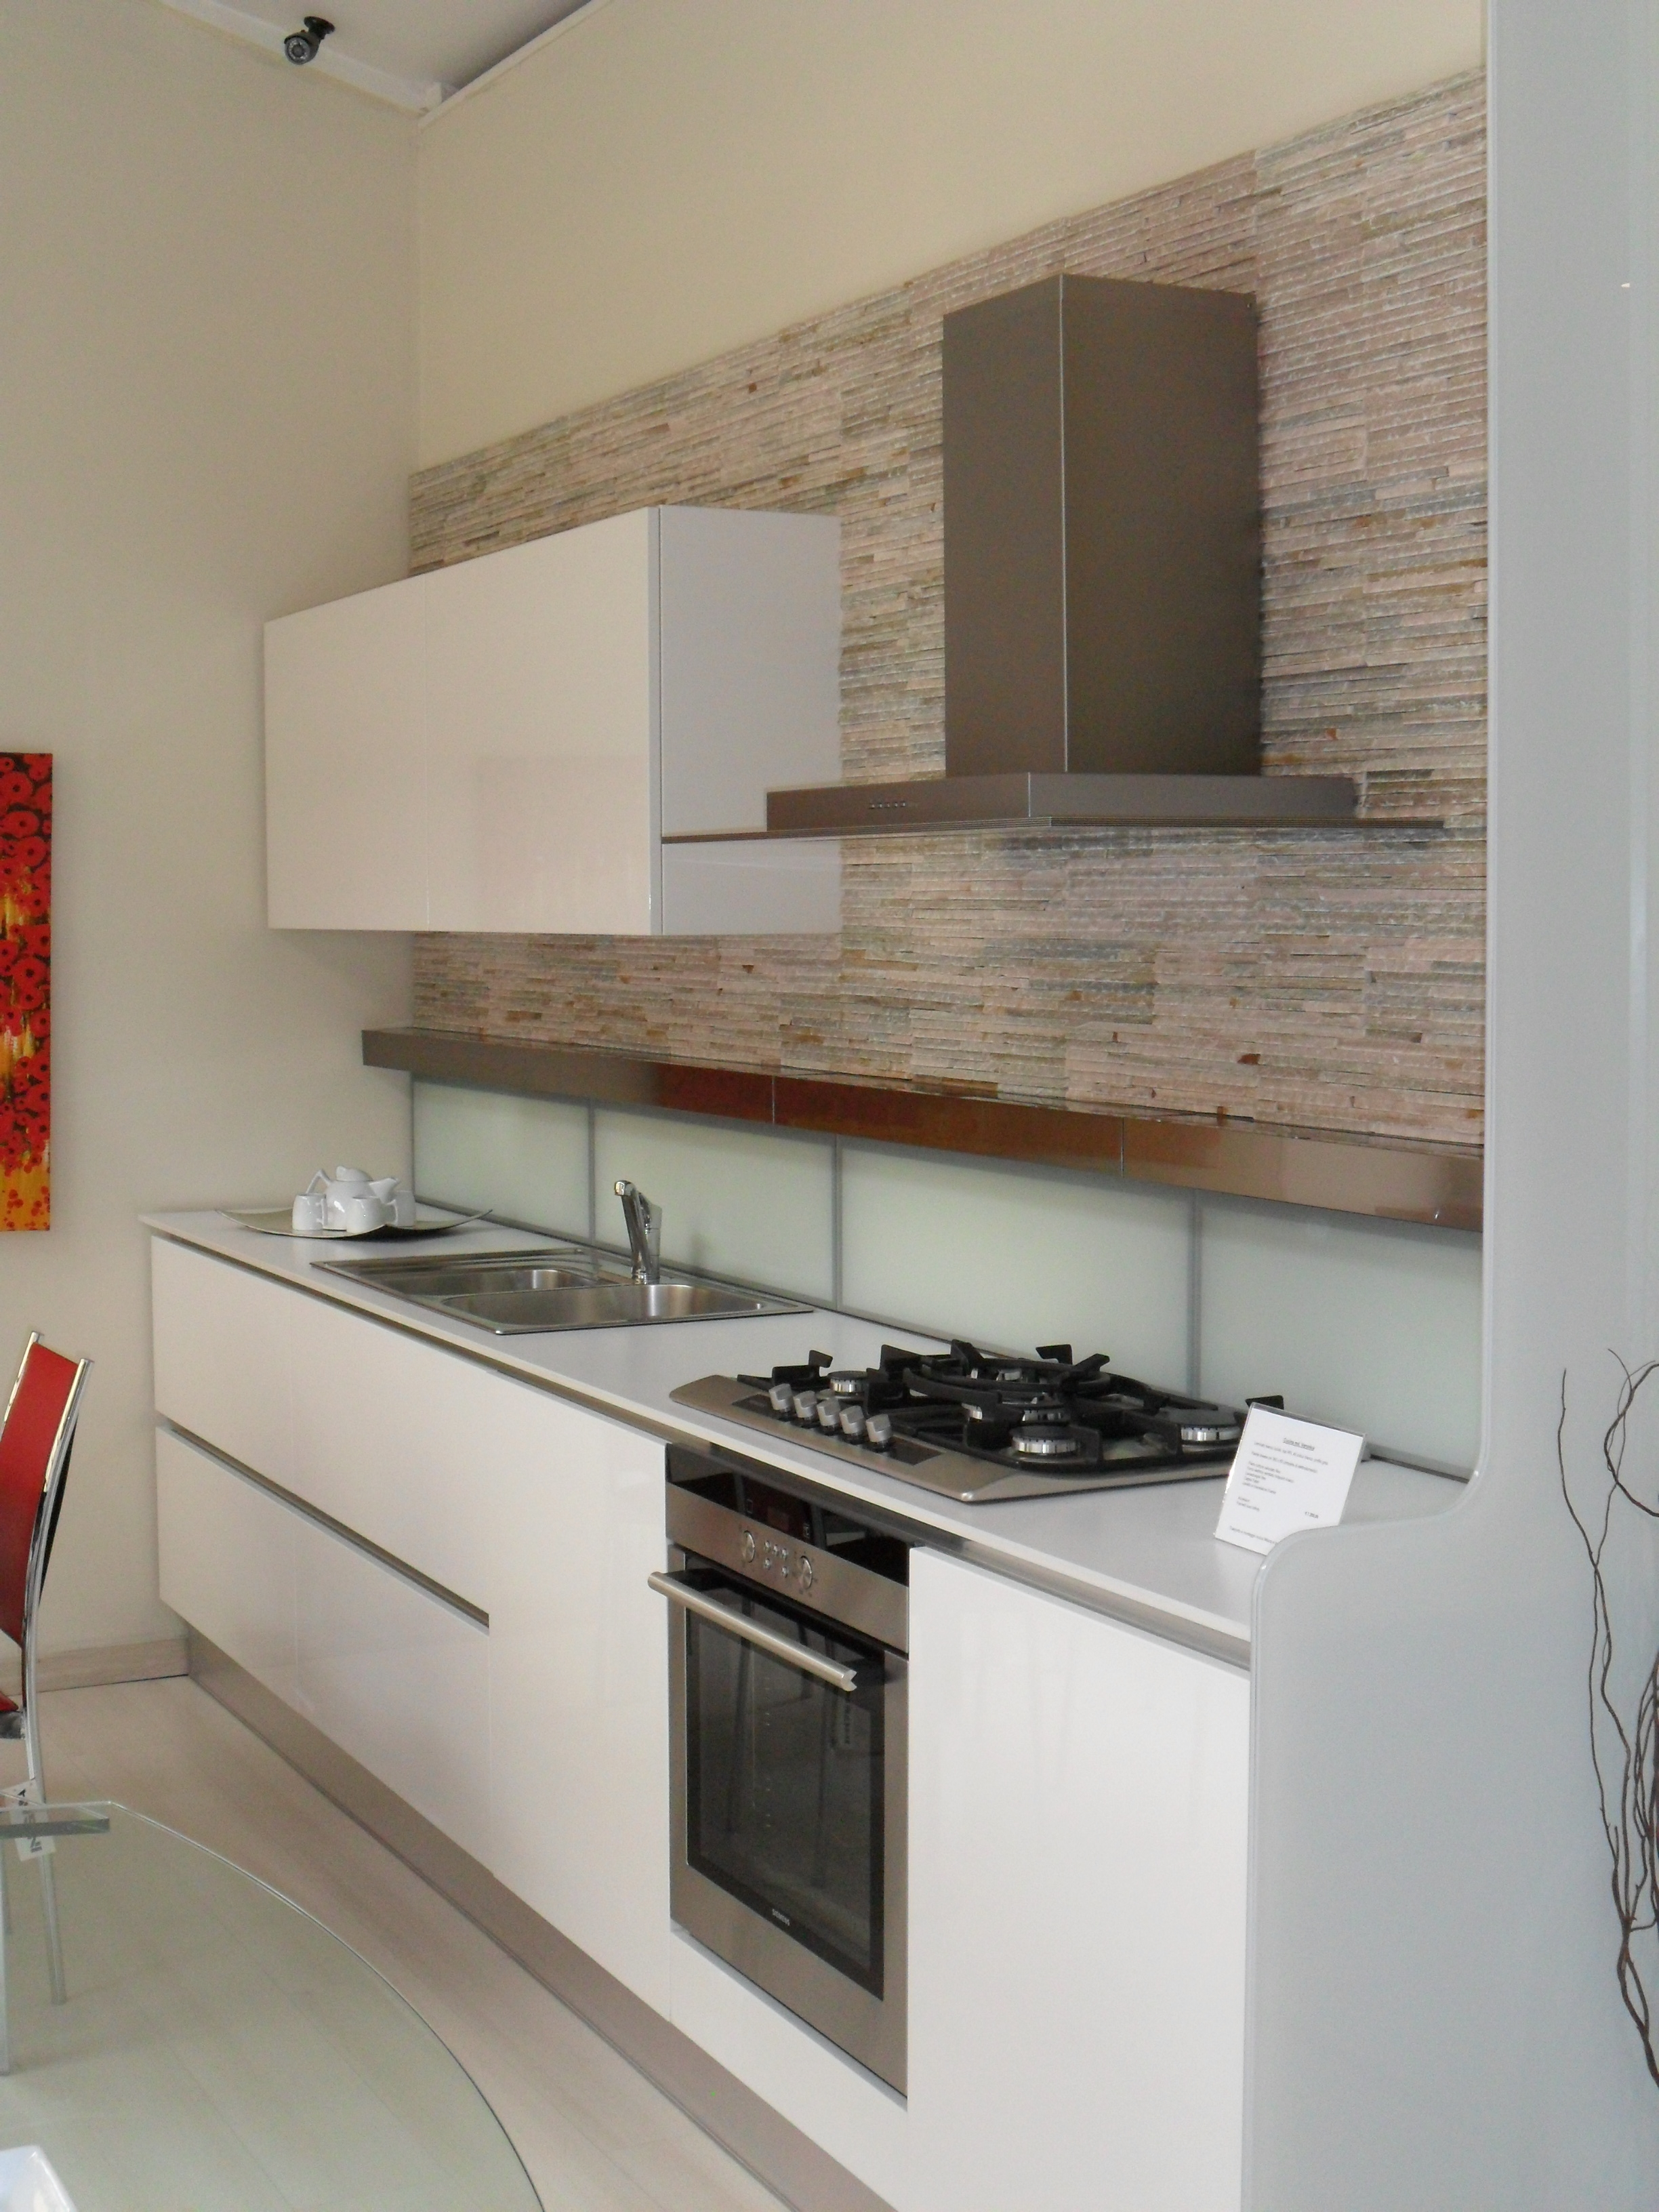 Cucina cm 360 cucine a prezzi scontati for Forno leroy merlin